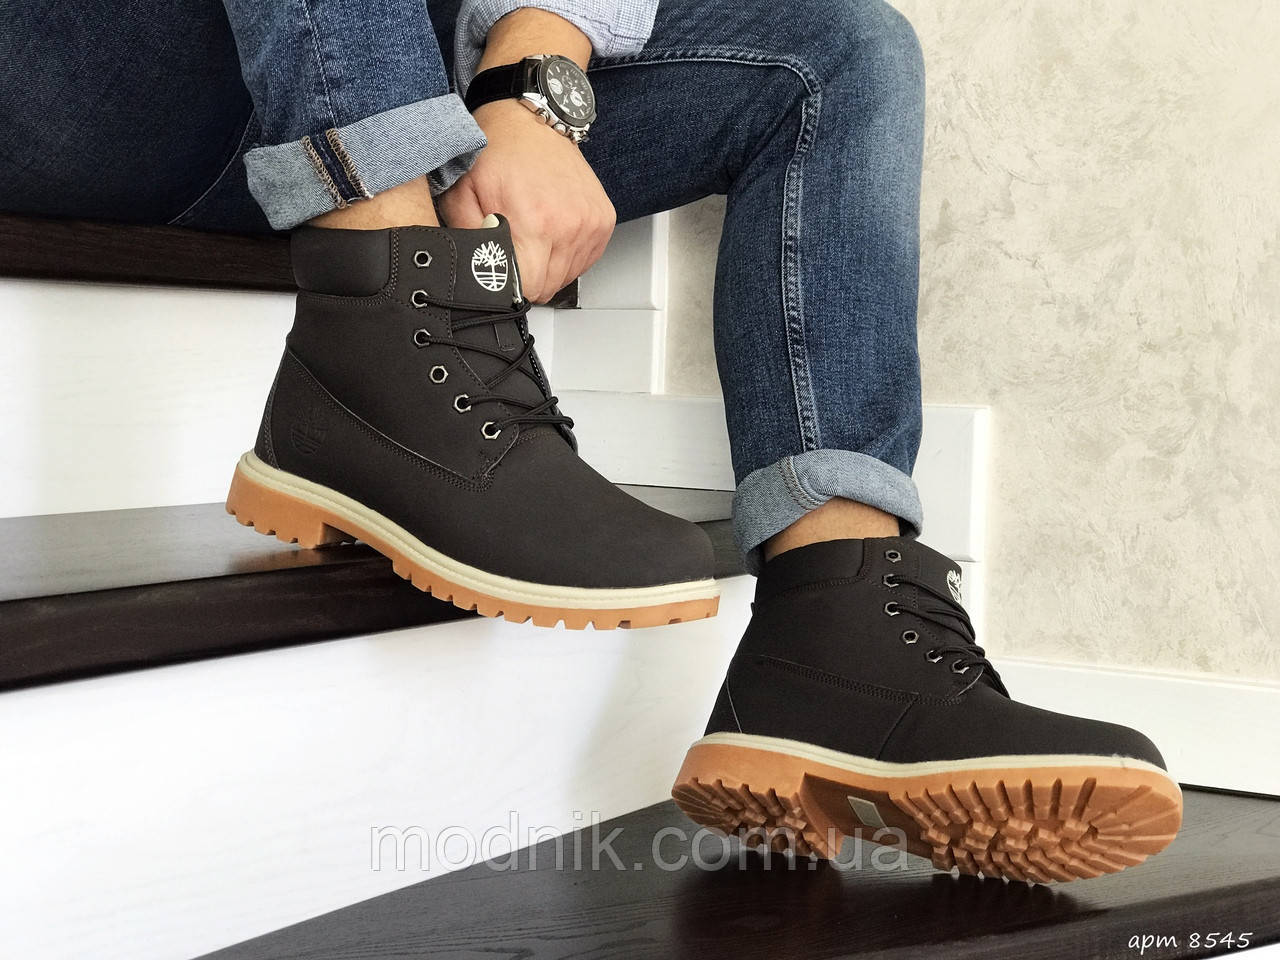 Мужские ботинки Timberland (коричневые) ЗИМА